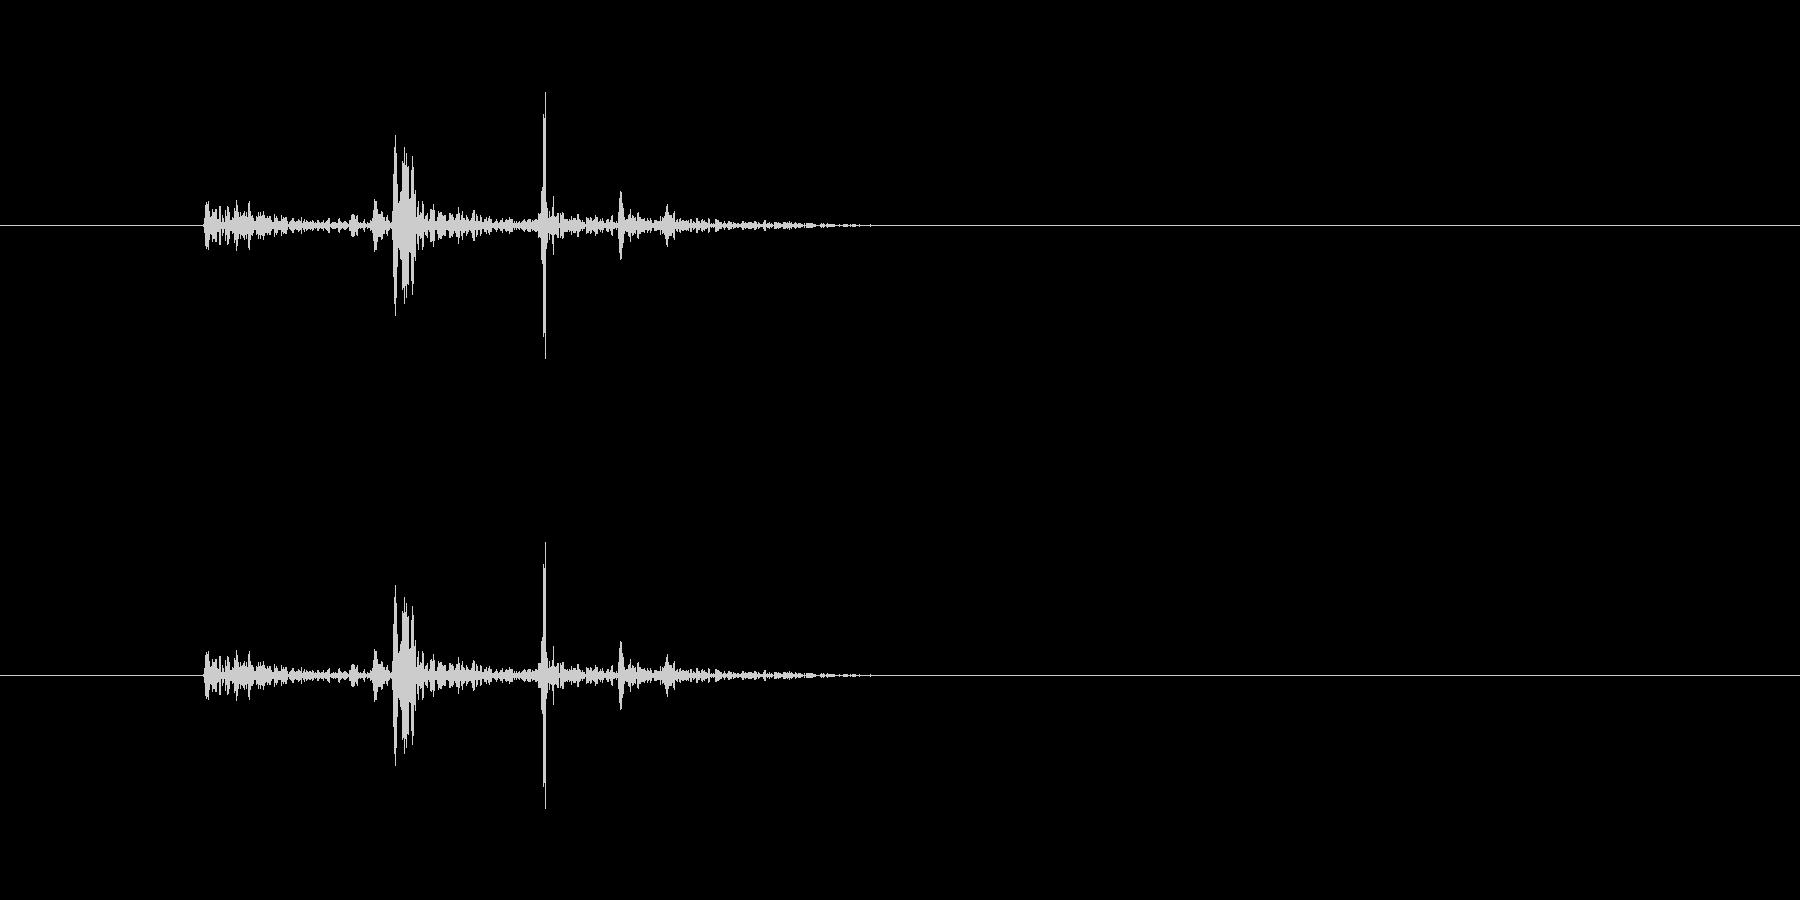 カタリッ(物を置く音)の未再生の波形